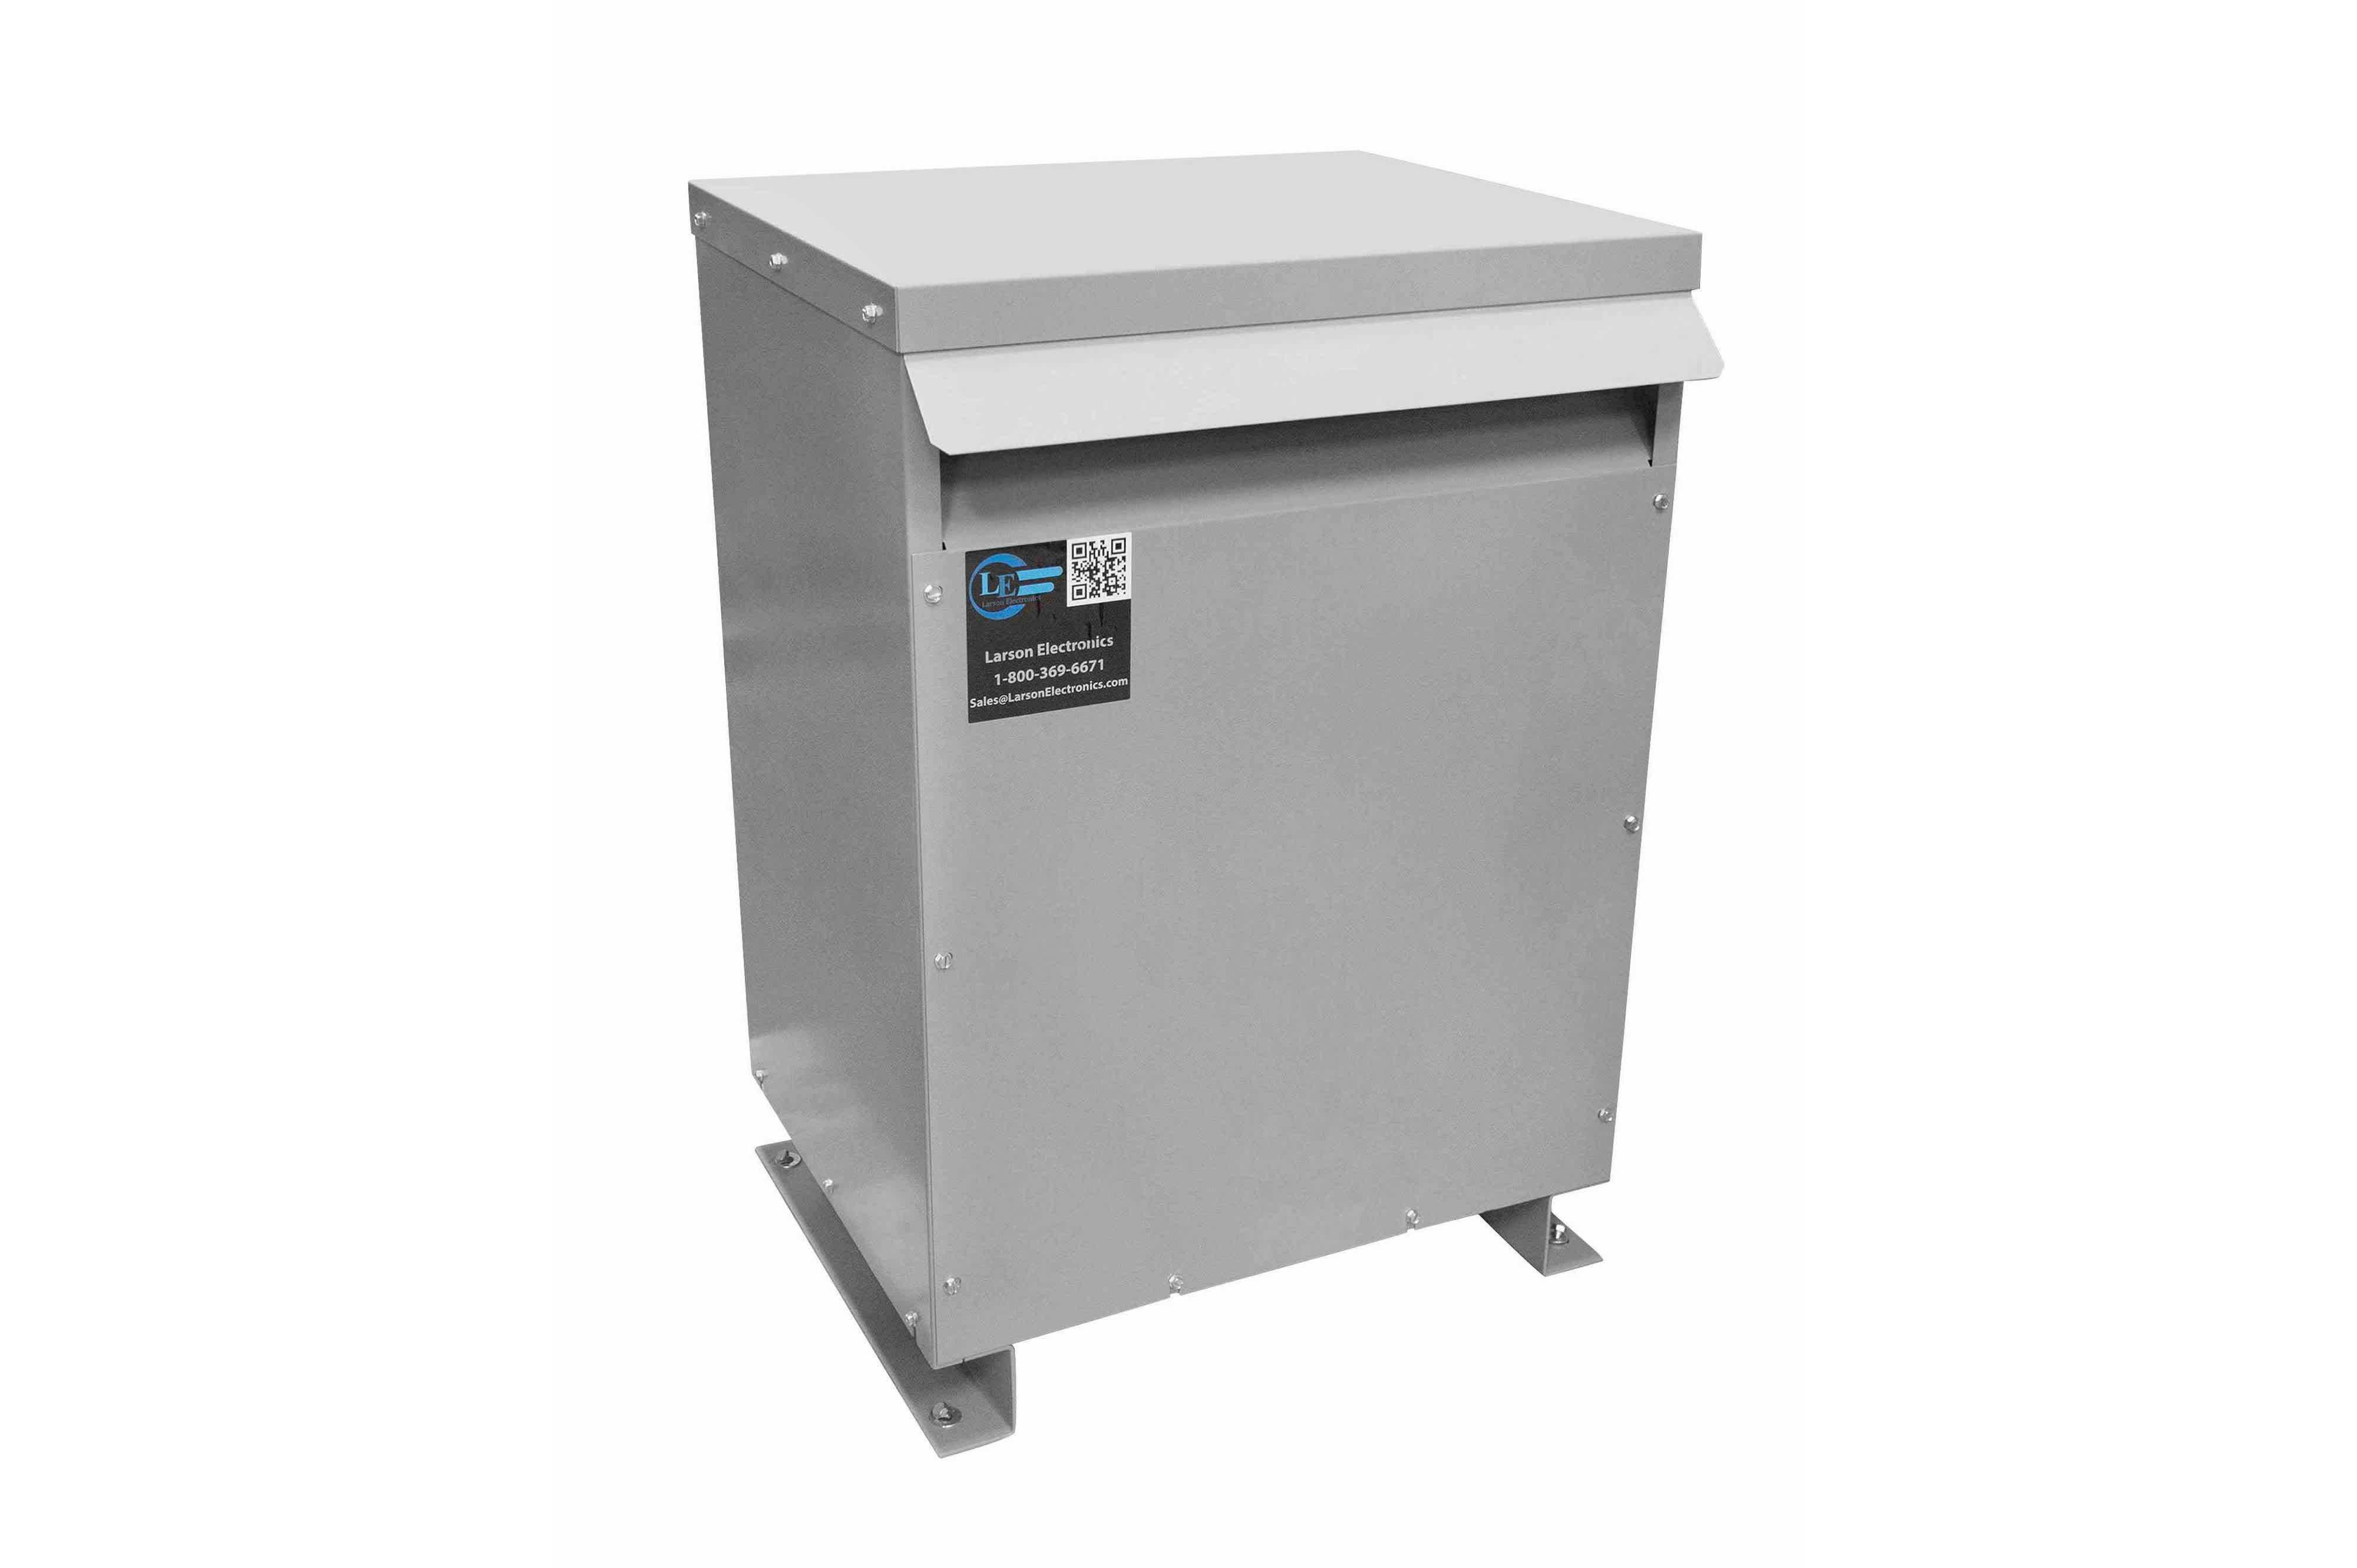 237.5 kVA 3PH Isolation Transformer, 415V Delta Primary, 600V Delta Secondary, N3R, Ventilated, 60 Hz